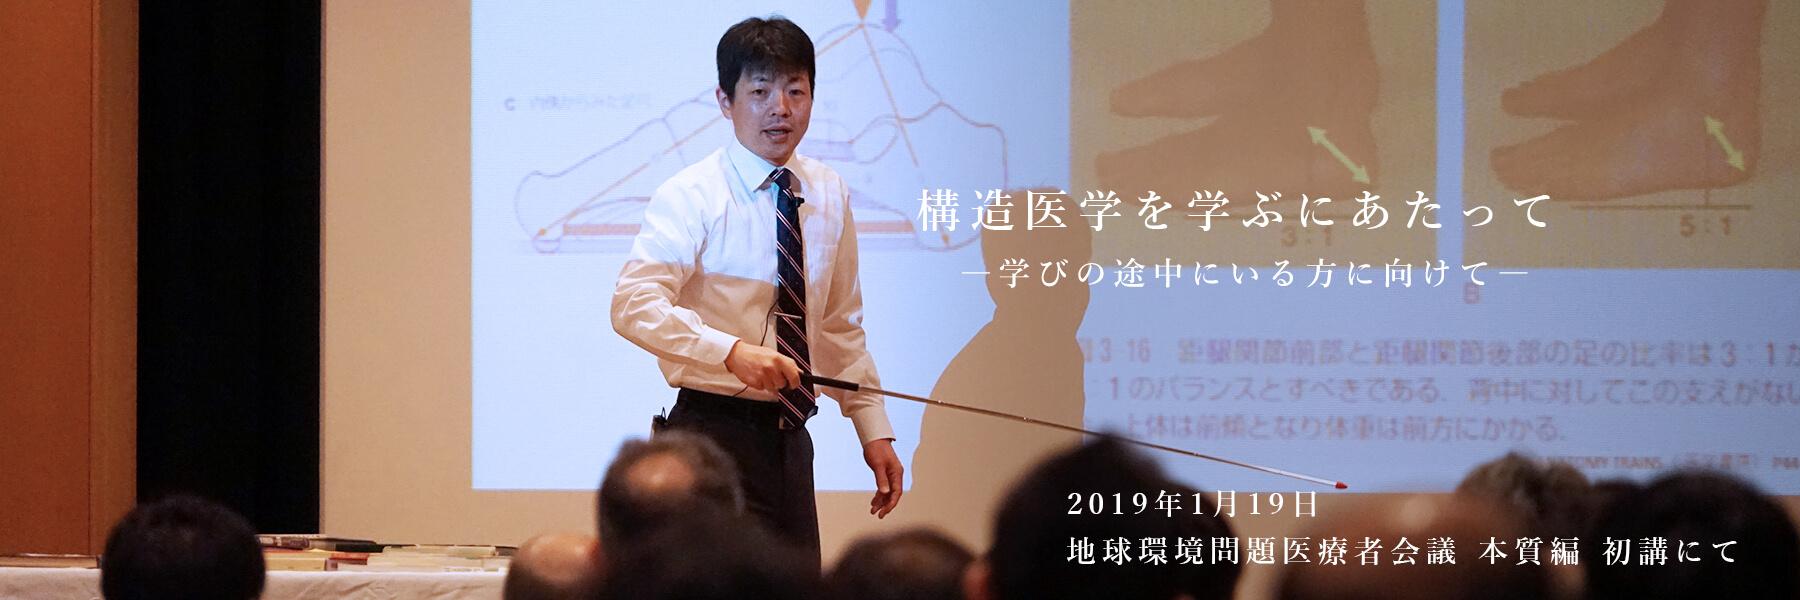 構造医学認定講師 林田一志